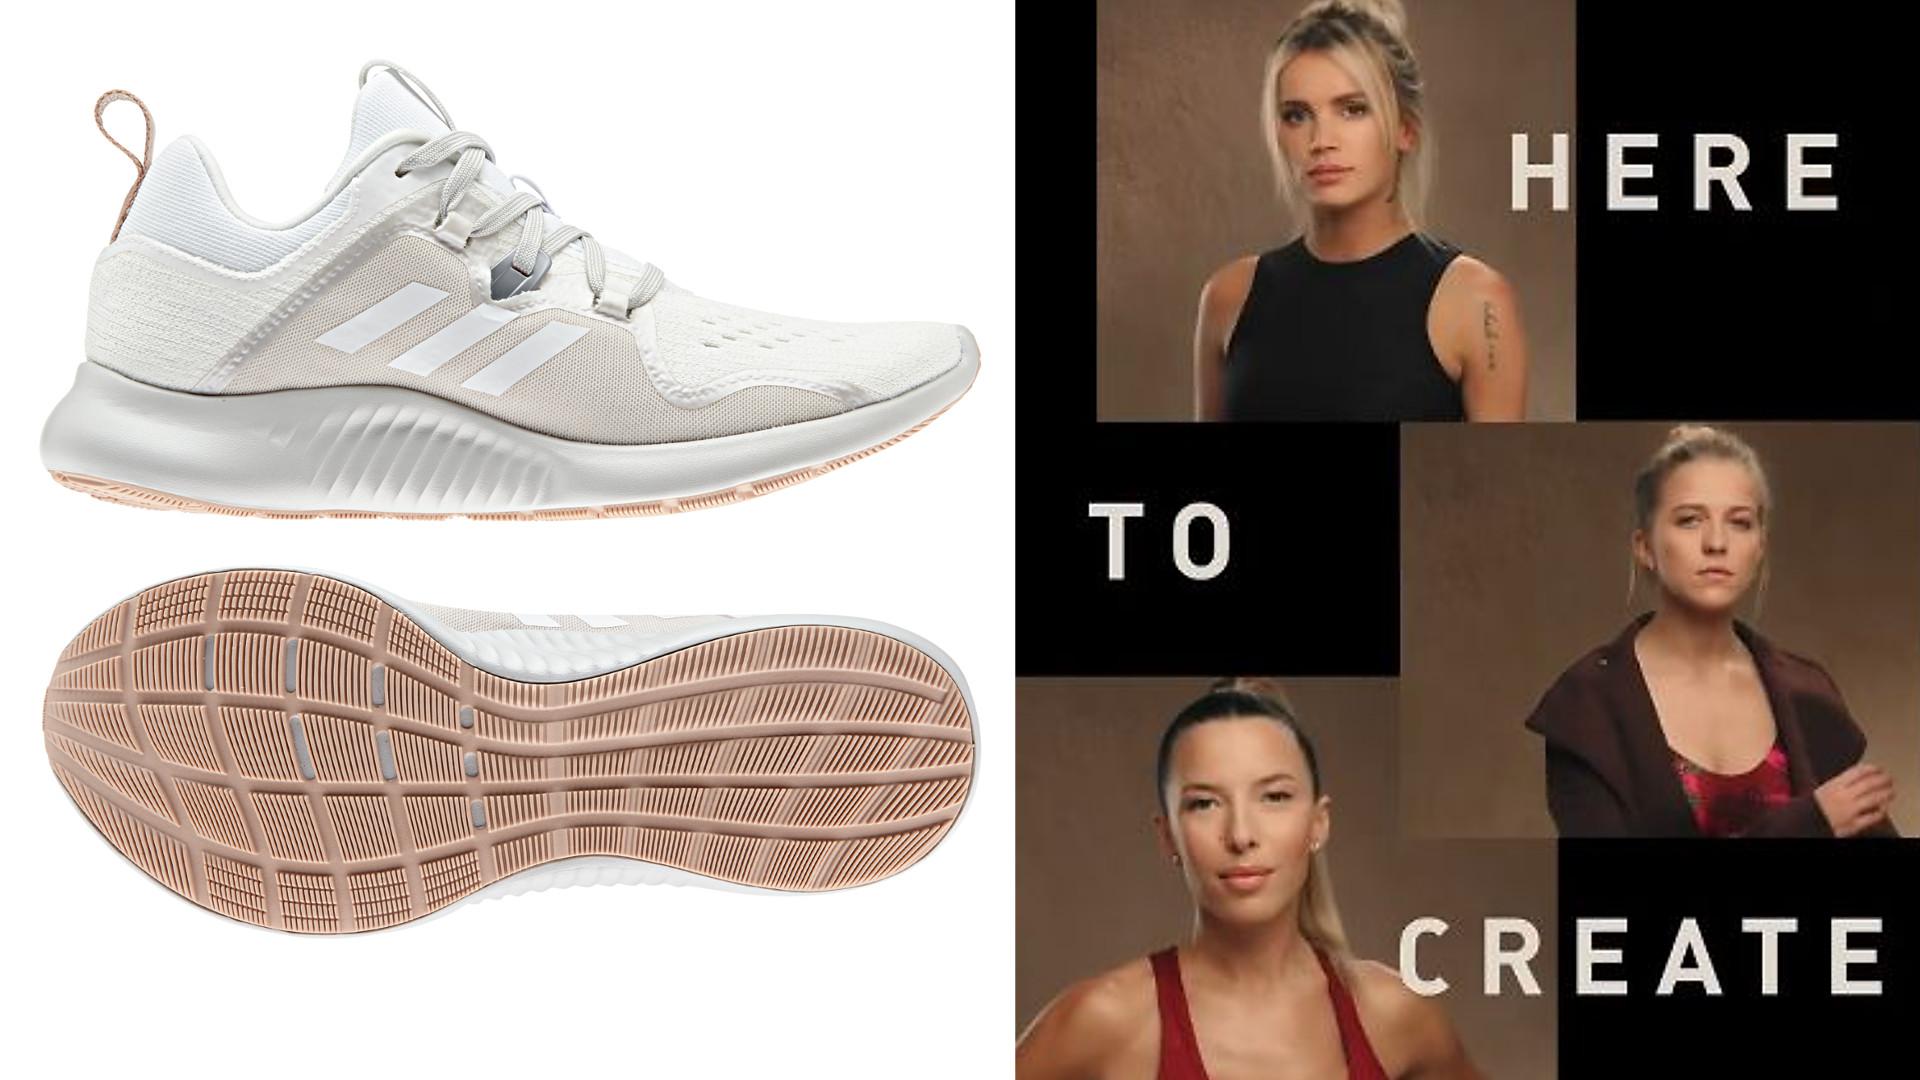 Polskie ambasadorki Adidasa promują nową kolekcję Statement Adidas Women